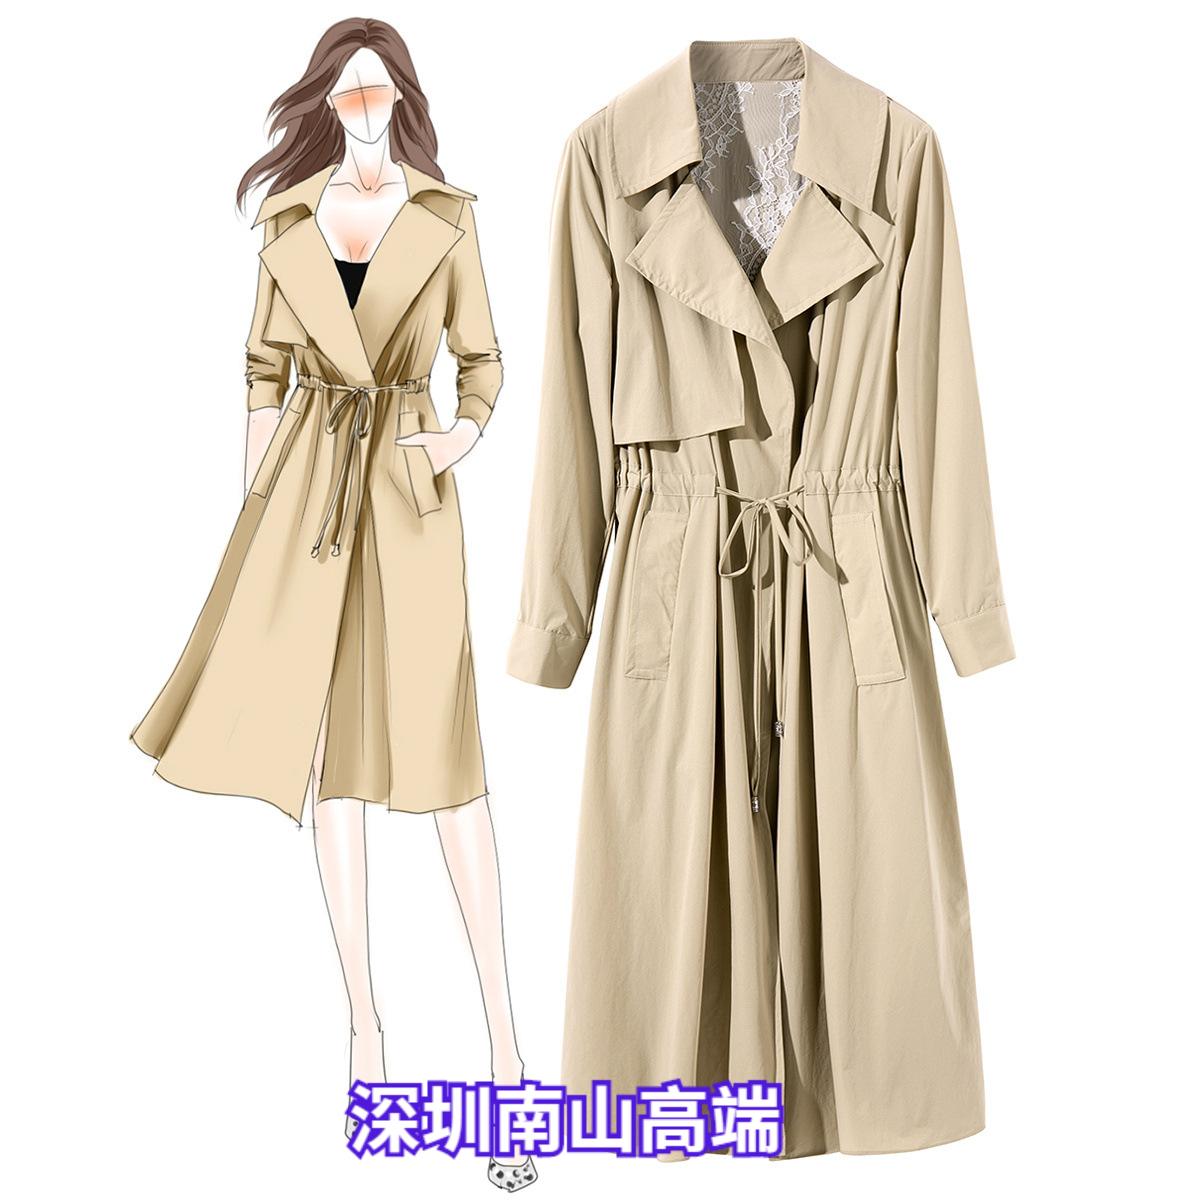 欧美风2019秋季新款中长款蕾丝风衣